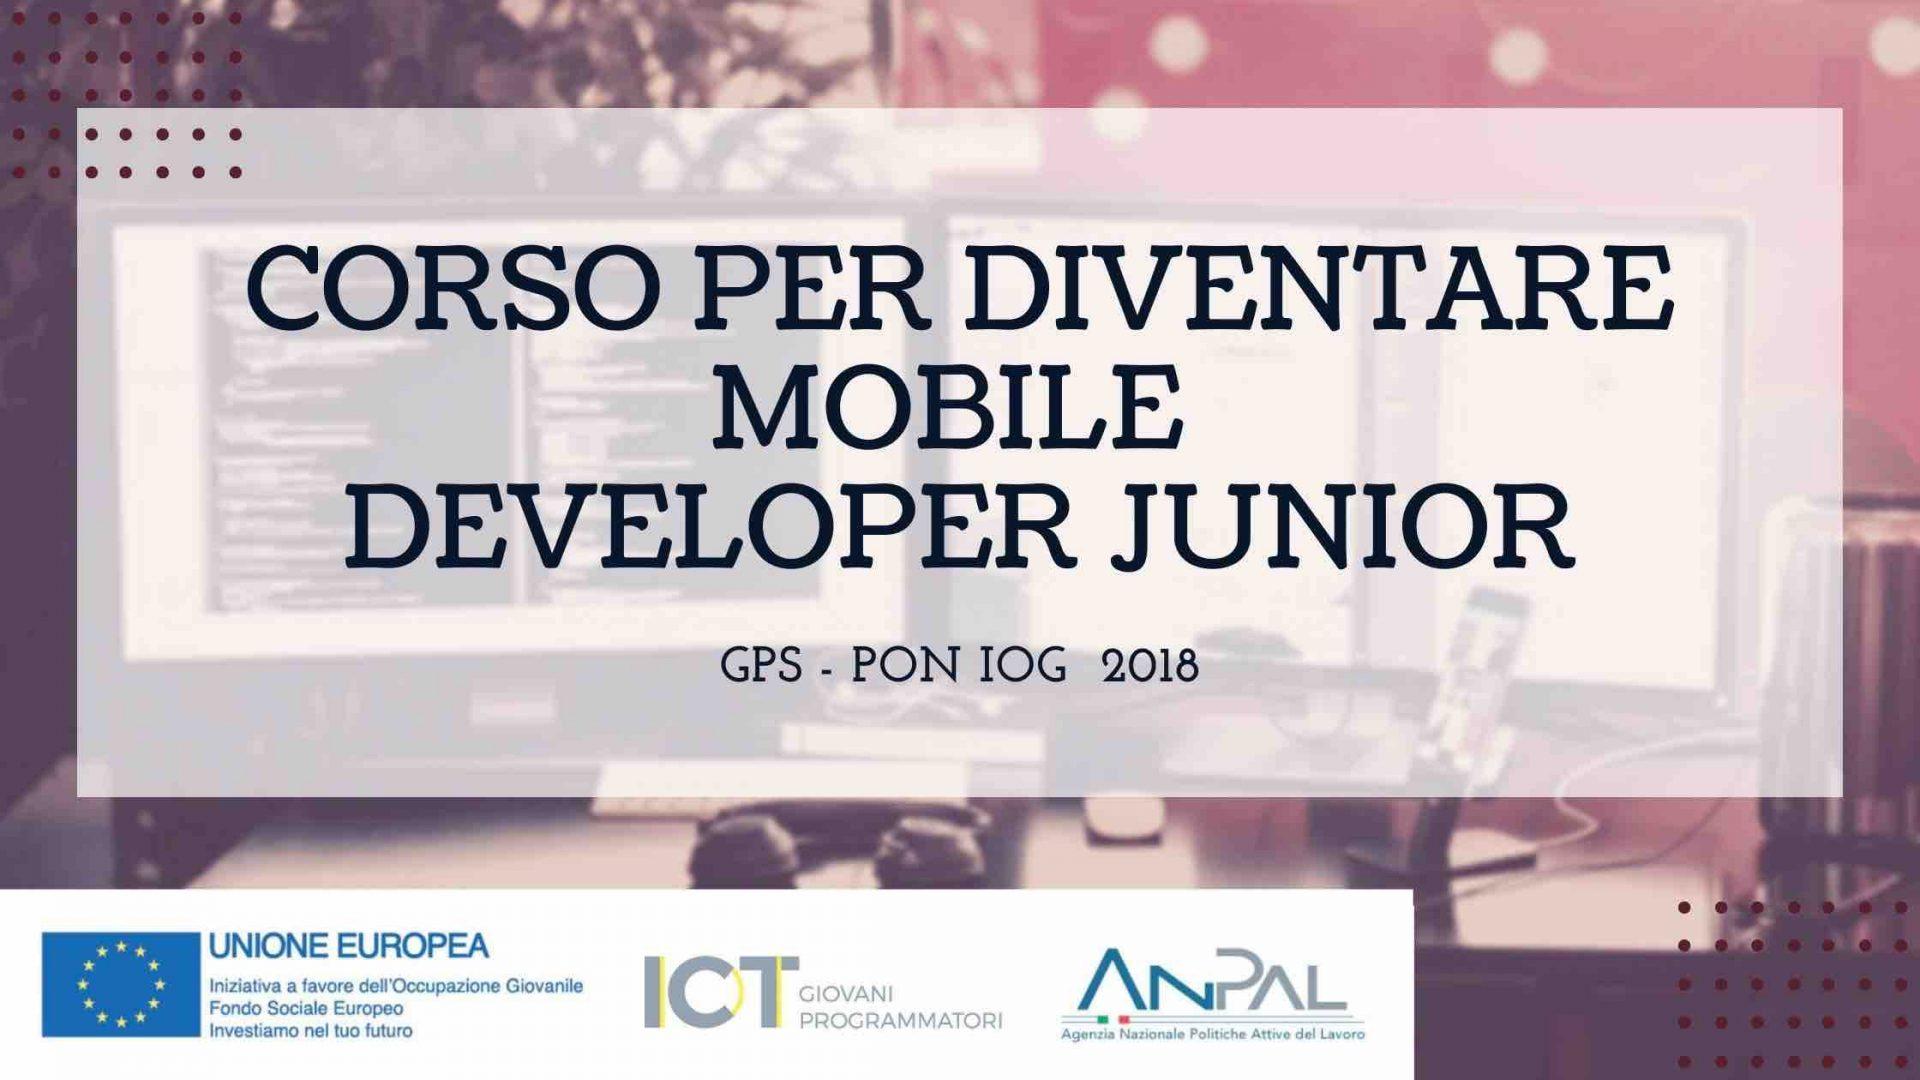 Corso per dicentare mobile developer junior